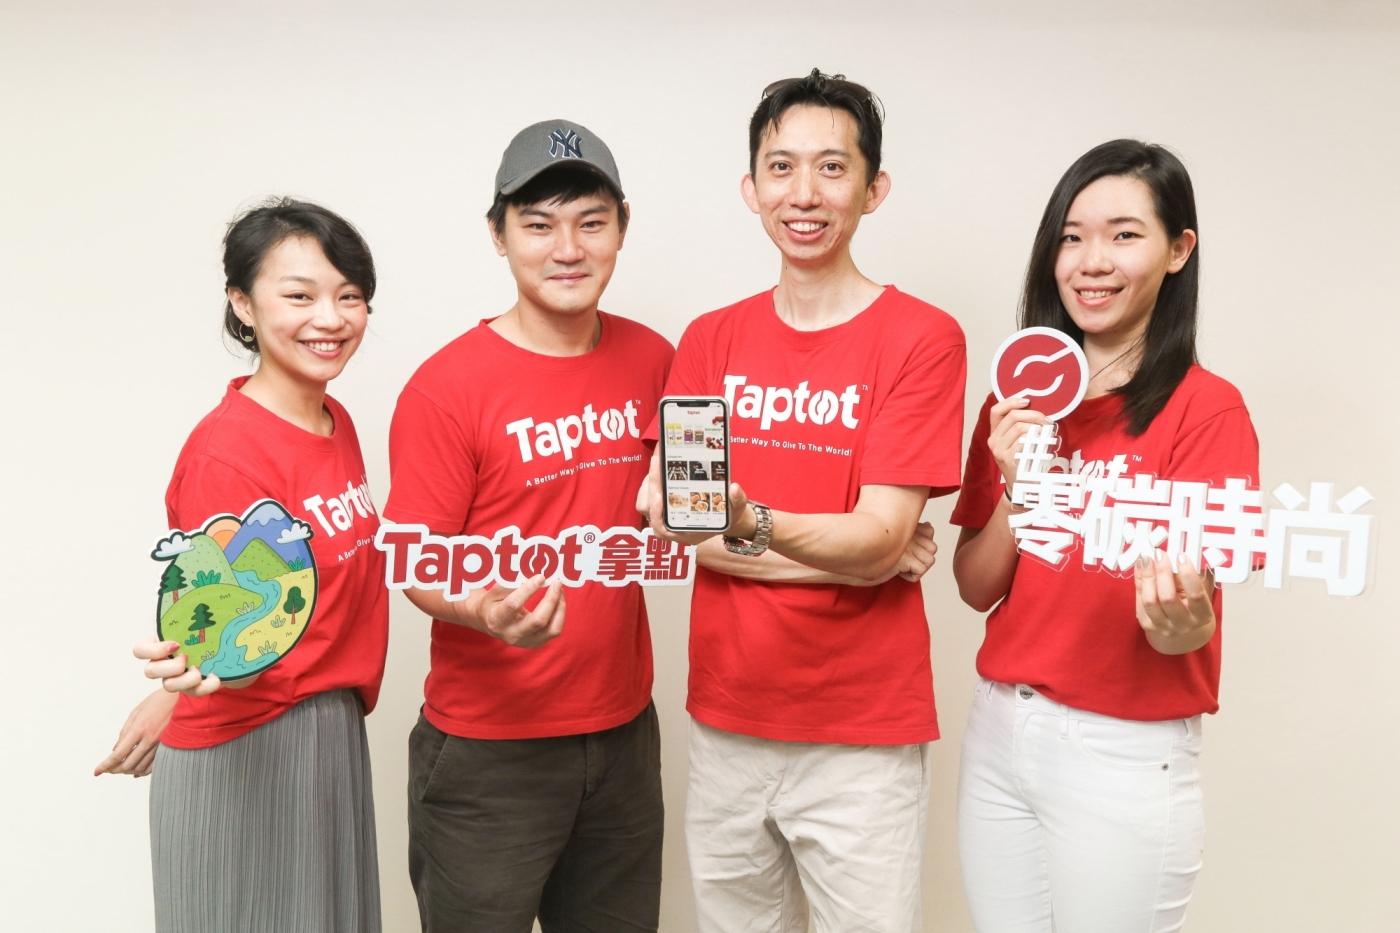 物品「去價值化」、打造專利物流簡化模式,Taptot 要以「換物社群」滿足人類生活的真實需求